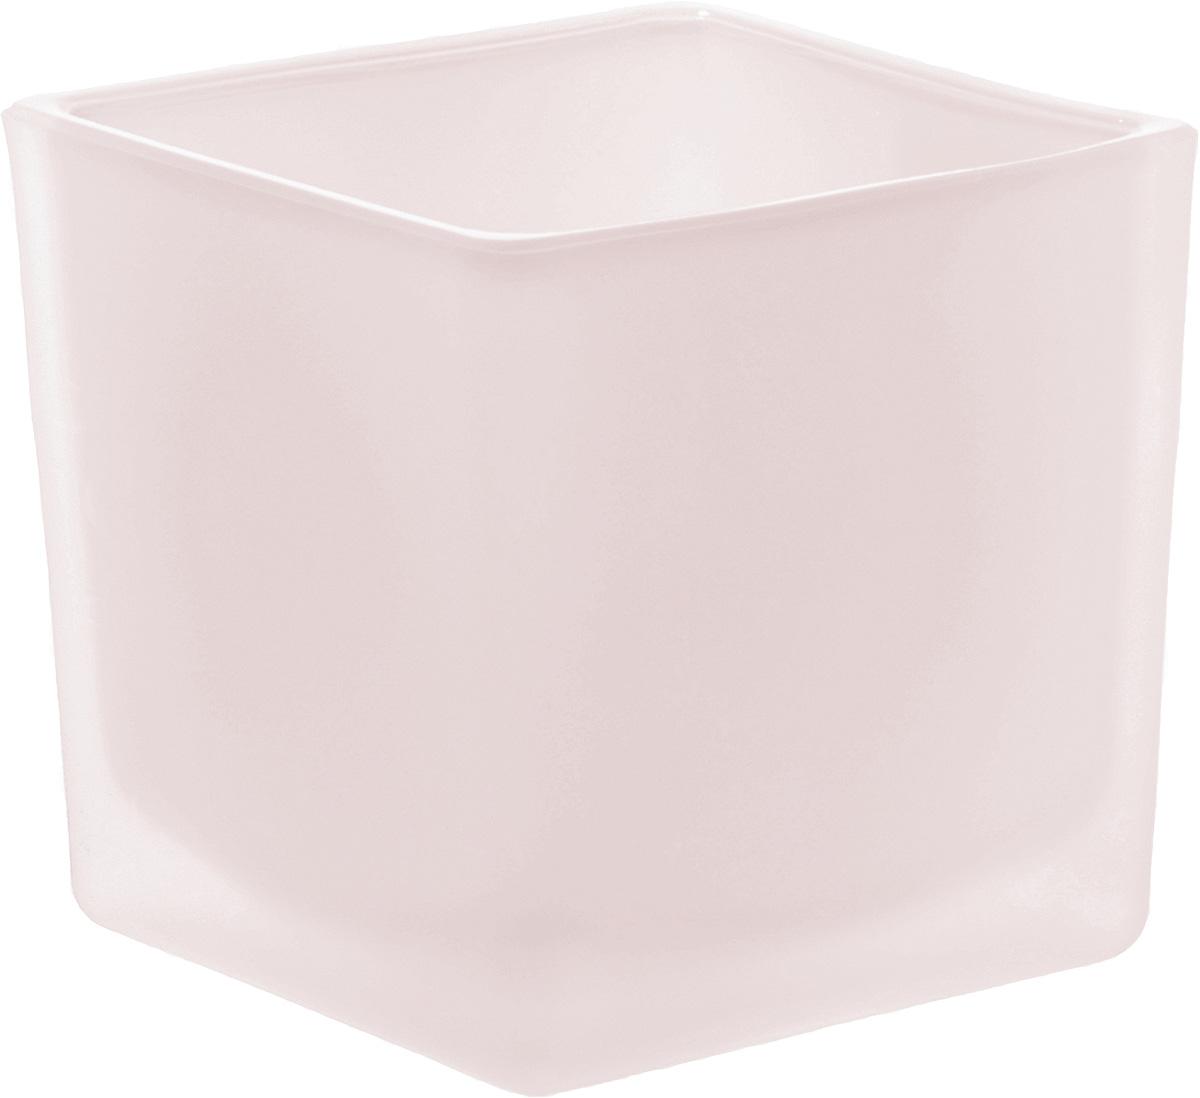 Кашпо-подсвечник Nina Glass Куб, цвет: розовый, 600 млNG91-005RПродукция завода под брендом NinaGlass известна российскому потребителю необычностью форм и оригинальным декорированием. Главным достоинством стеклянных горшков является отсутствие пористости на их внутренней поверхности, что делает безопасной смену растительного состава. Предприятие производит два вида изделий для флористов:- стеклянные цветочные горшки с отверстием в дне для посадки в них цветов и растений и подставкой под горшок в виде блюдца;- кашпо без отверстия для укладки в них пластиковых контейнеров с цветами и растениями.Горшки и кашпо изготавливаются из опалового триплексного (тройного) стекла с различными видами декорирования водо- и износостойкими красками. Возможна окраска изделий изнутри. Матовая поверхность и окраска изнутри создают объемный эффект, а сами цвета очень мягкие и приятные. Также интересны и формы изделий, выполненные методом центробежного формования: - горшки НТ - современная модель горшка с поддоном, которые смотрятся как единое целое и обладают устойчивым широким дном;- кашпо НТ - глубокие, с небольшим радиусом выпуклости, хорошим широким дном. Кашпо-подсвечники в форме куба можно считать дополнительной опцией: вы можете оформить интерьер не только оригинальными горшками и кашпо, но также весьма привлекательными подсвечниками.Доступны 5 размеров горшков и кашпо и 3 размера кашпо-кубов. Продукция TM NinaGlass безопасна, функциональна, прочна и уникальна. Горшки и кашпо способны создать неповторимое настроение и стать центром интерьера в любом помещении.